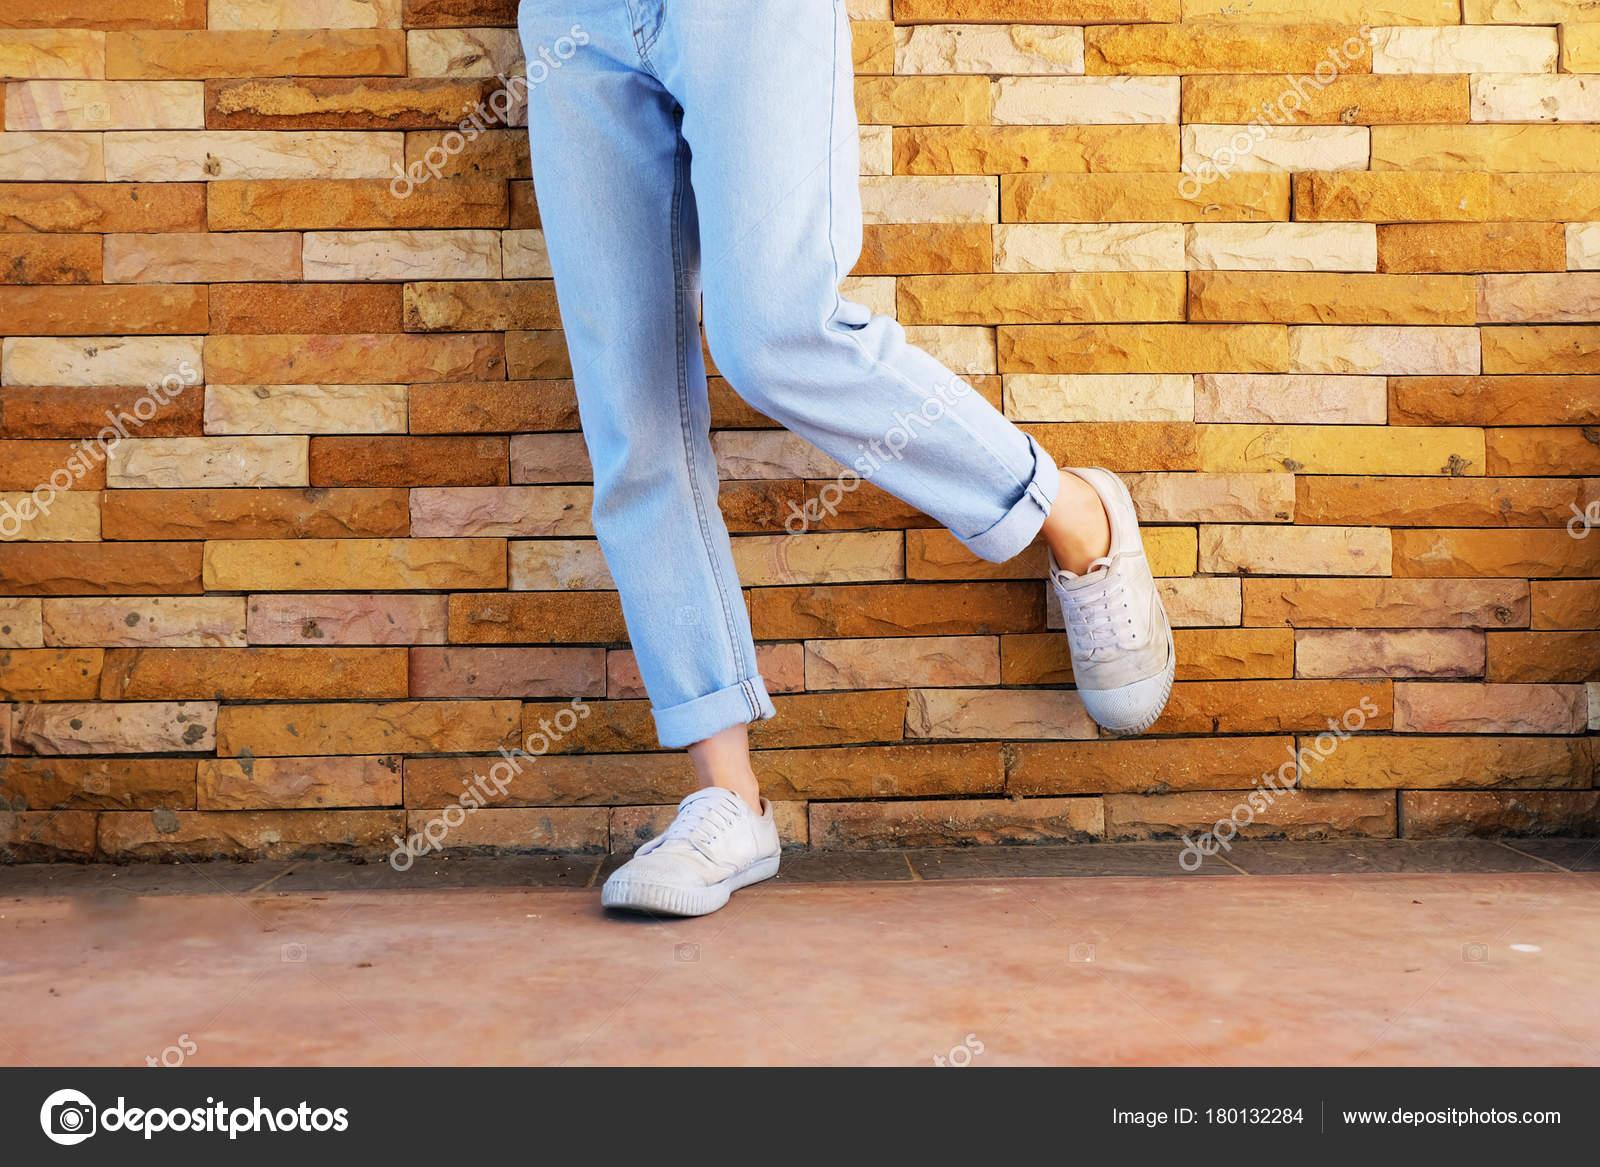 Usa Zapatillas Zapatos Viejos Blancas Blancos Pantalones Mujer WDI2YE9H